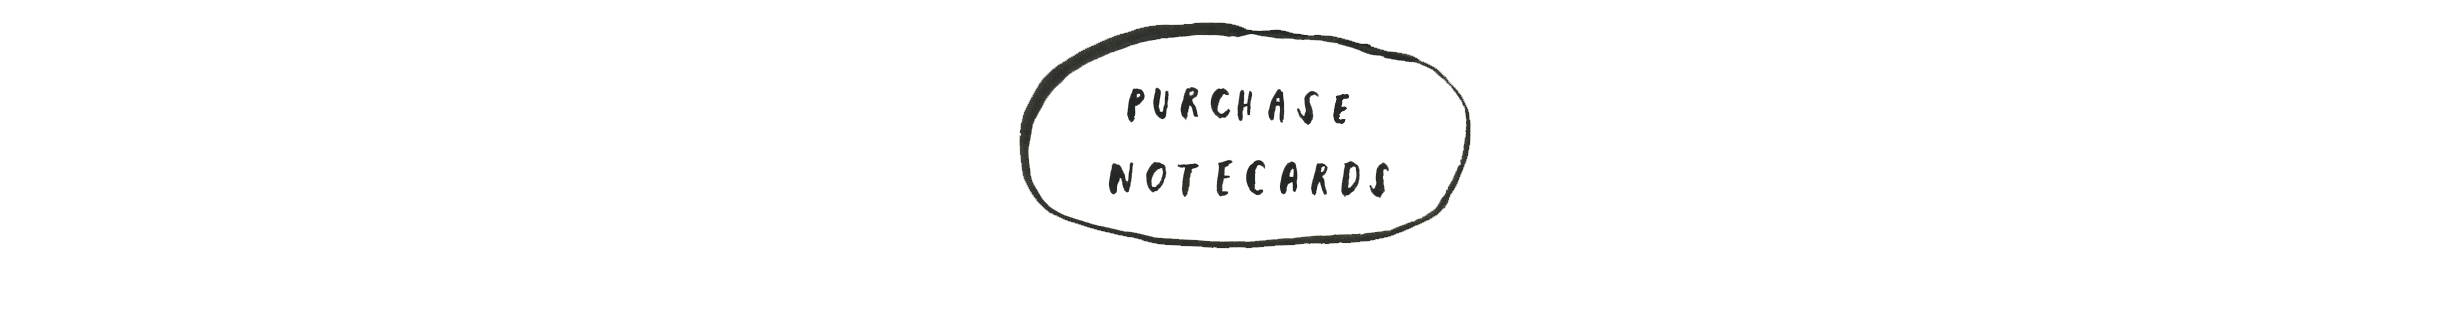 Buy_Note_Black.jpg